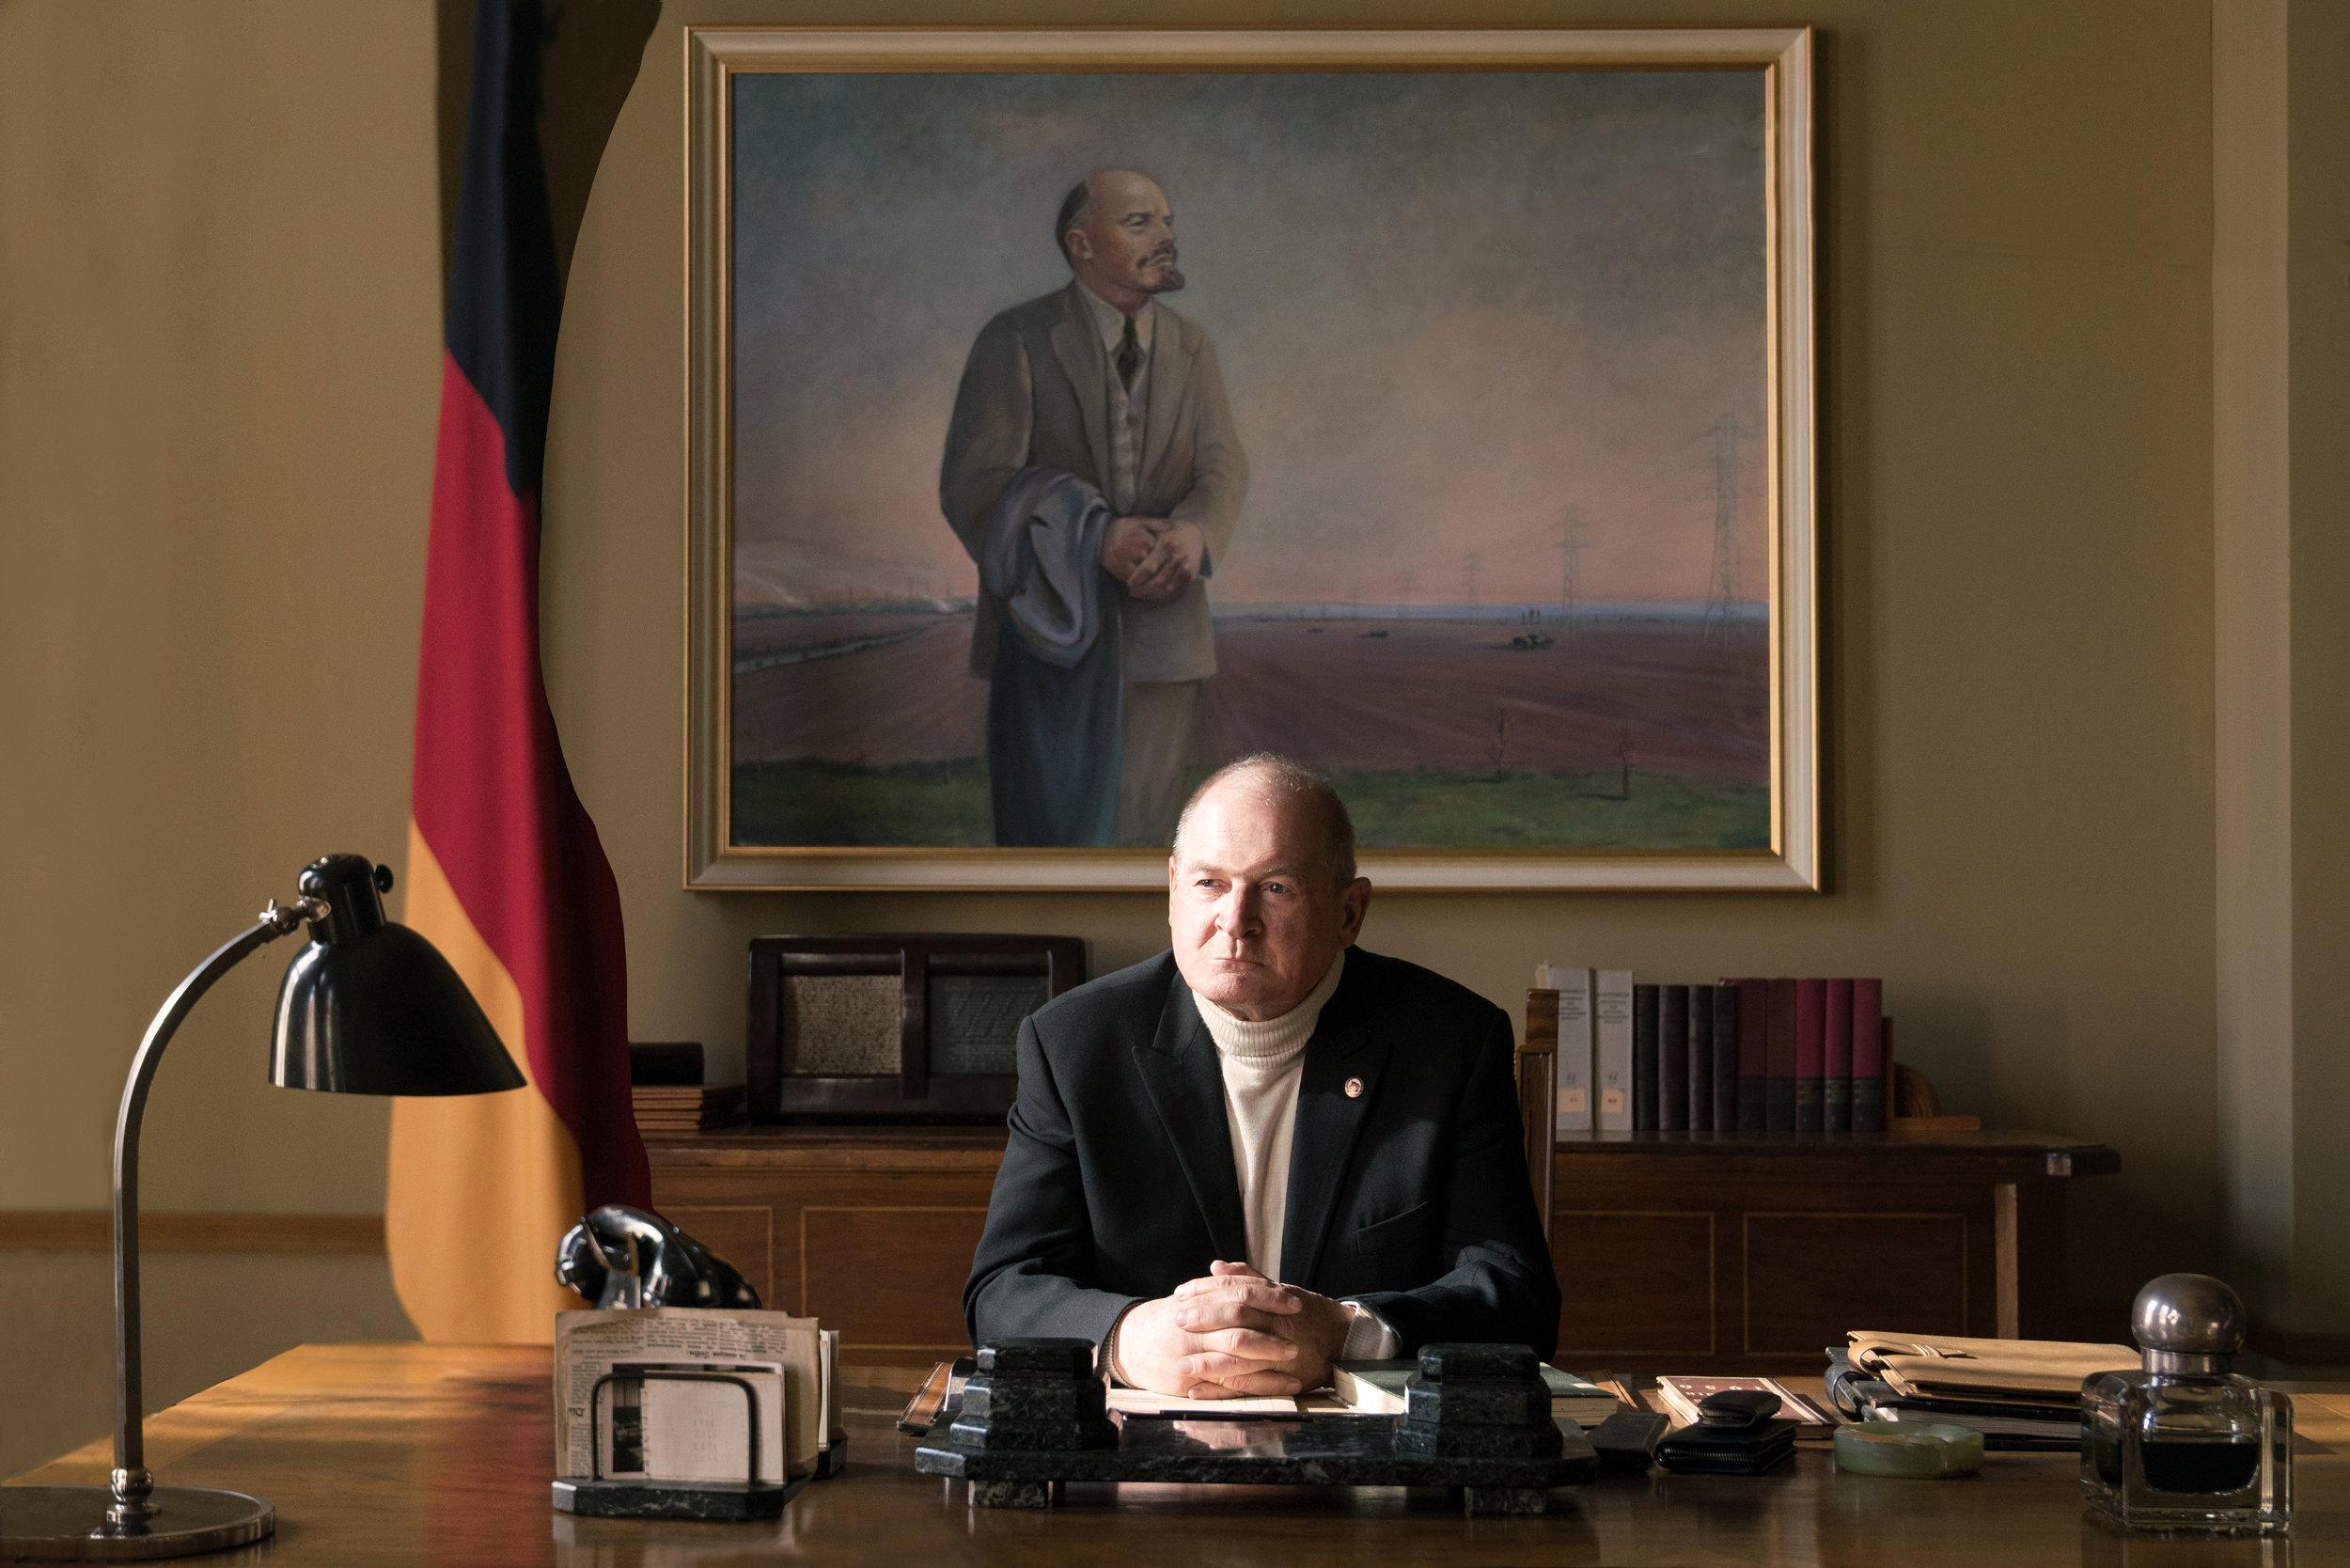 Utdanningsminister Lange (Burghart Klaußner) truer elevene som våger å opponere.